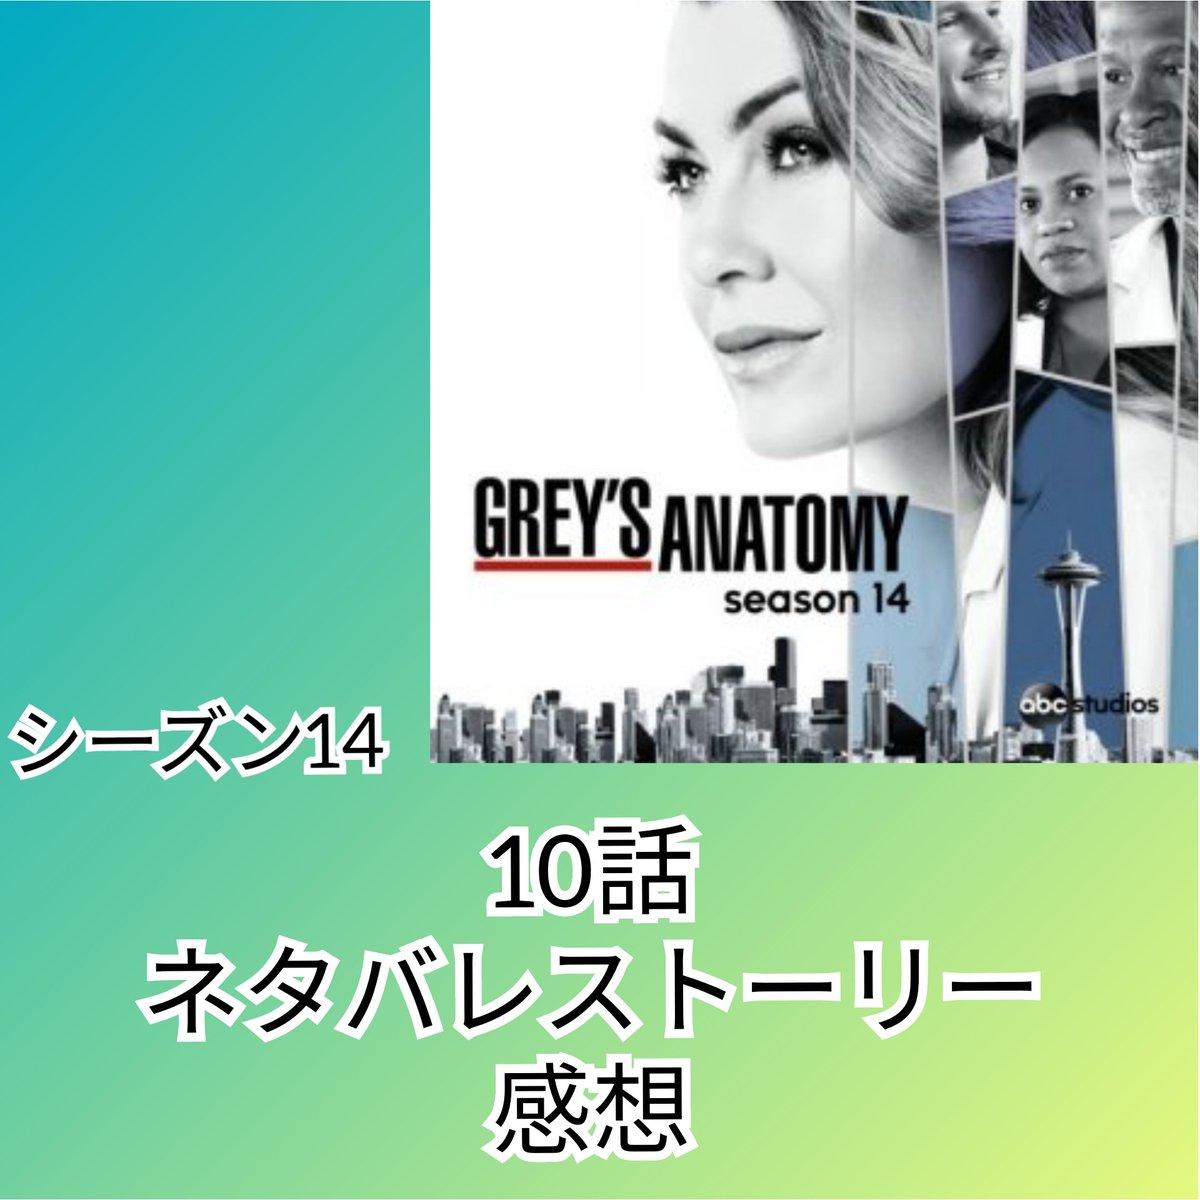 ネタバレ グレイズ アナトミー 『グレイズ・アナトミー 恋の解剖学』シーズン4~6ネタバレ解説と感想。恋愛も複雑化!シーズン最終話はどれも衝撃的なラストが待っていた。